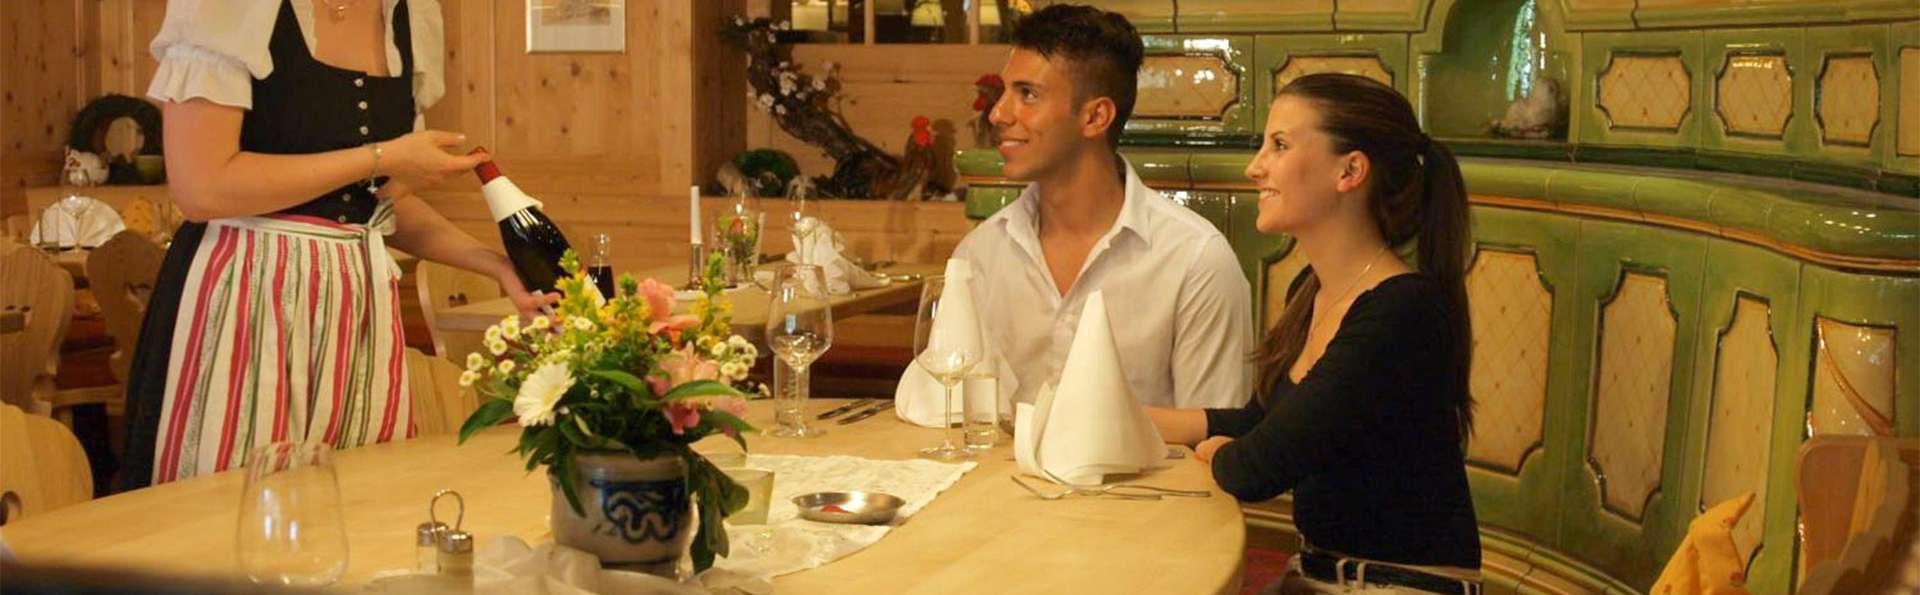 Profitez d'un diner aussi relaxant que succulent pendant vos minivacances dans la Forêt Noire